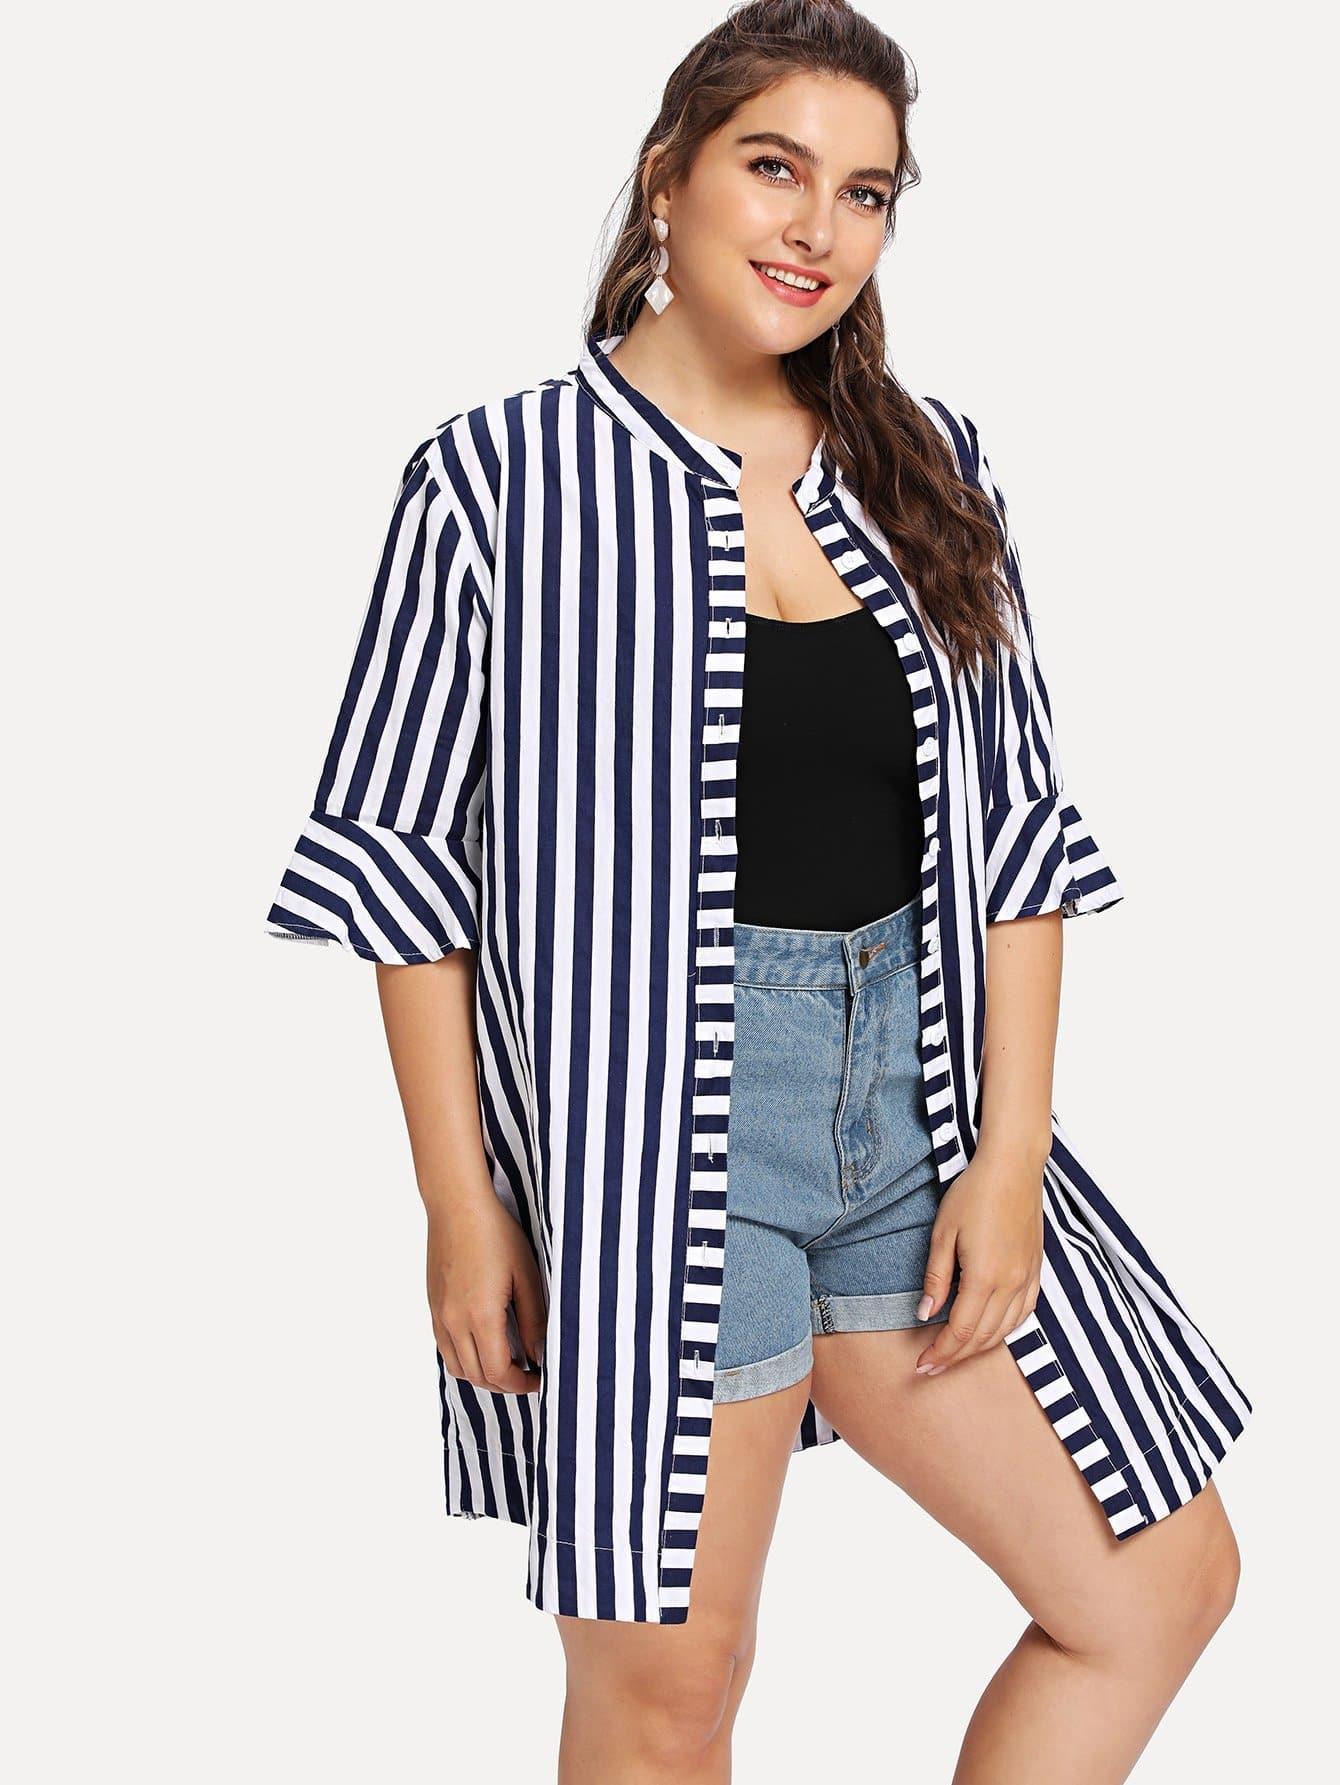 Купить Полосатая флисовая рубашка, Franziska, SheIn